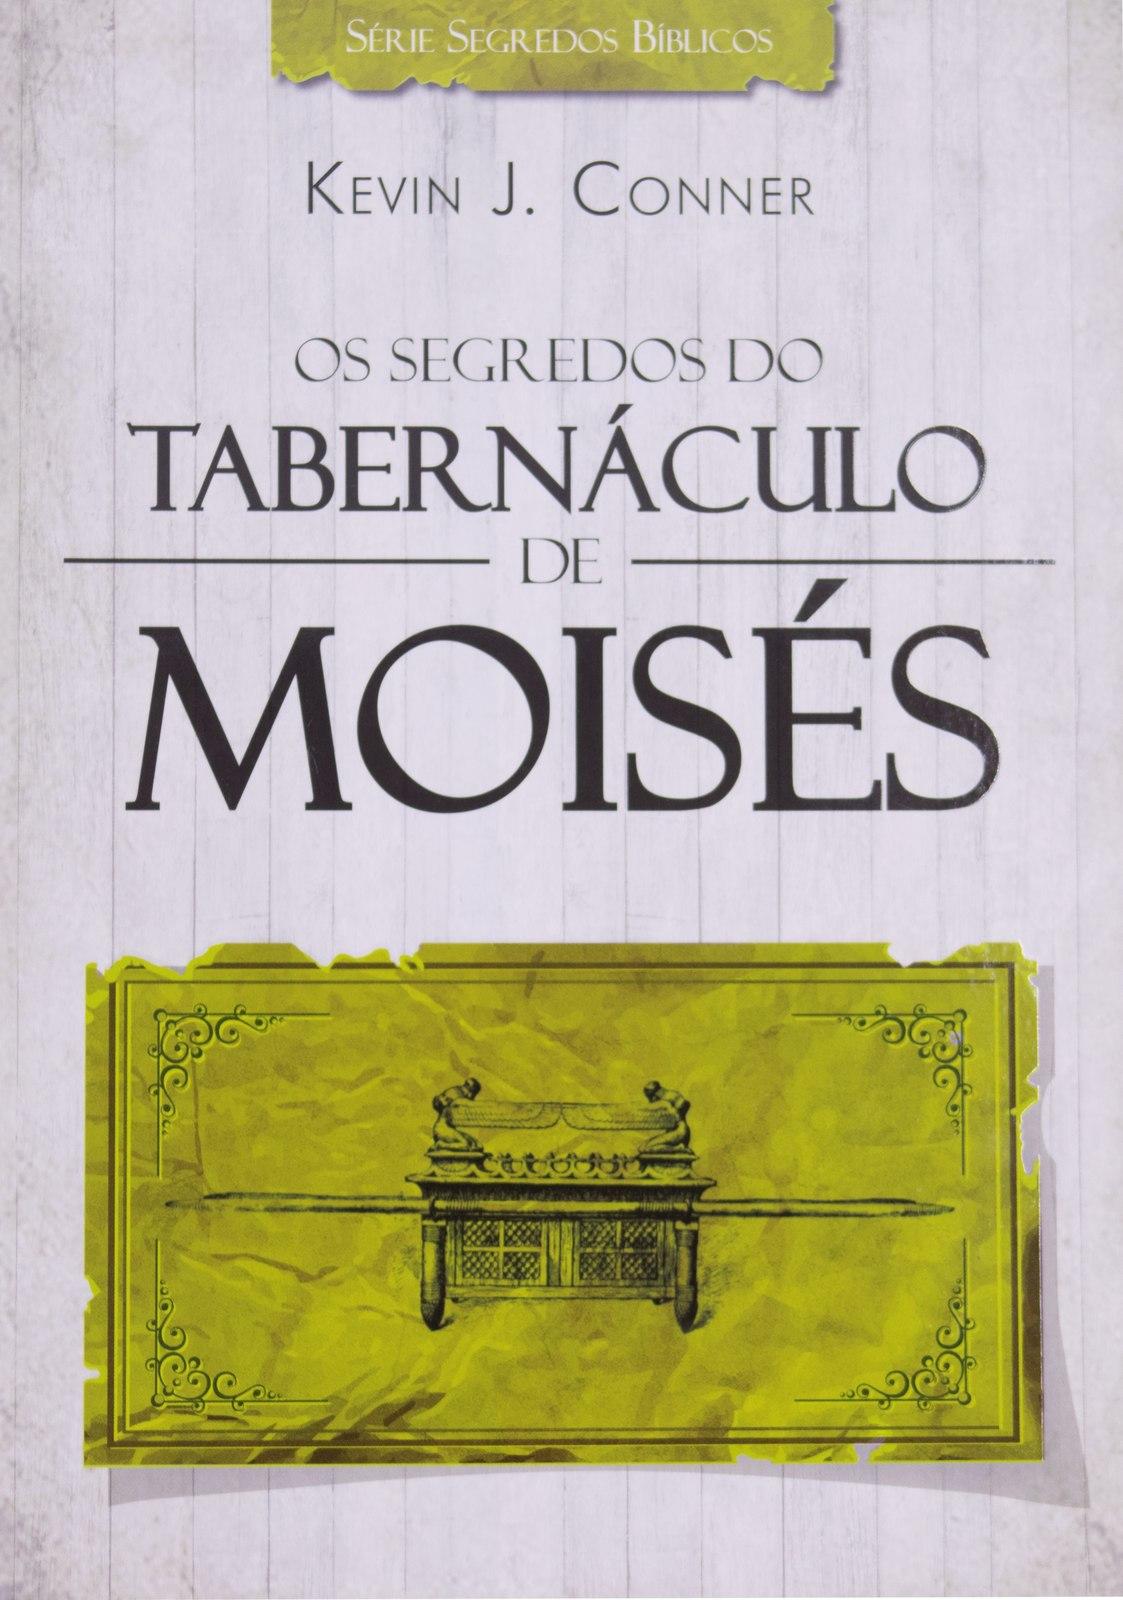 OS SEGREDOS DO TABERNACULO DE MOISES